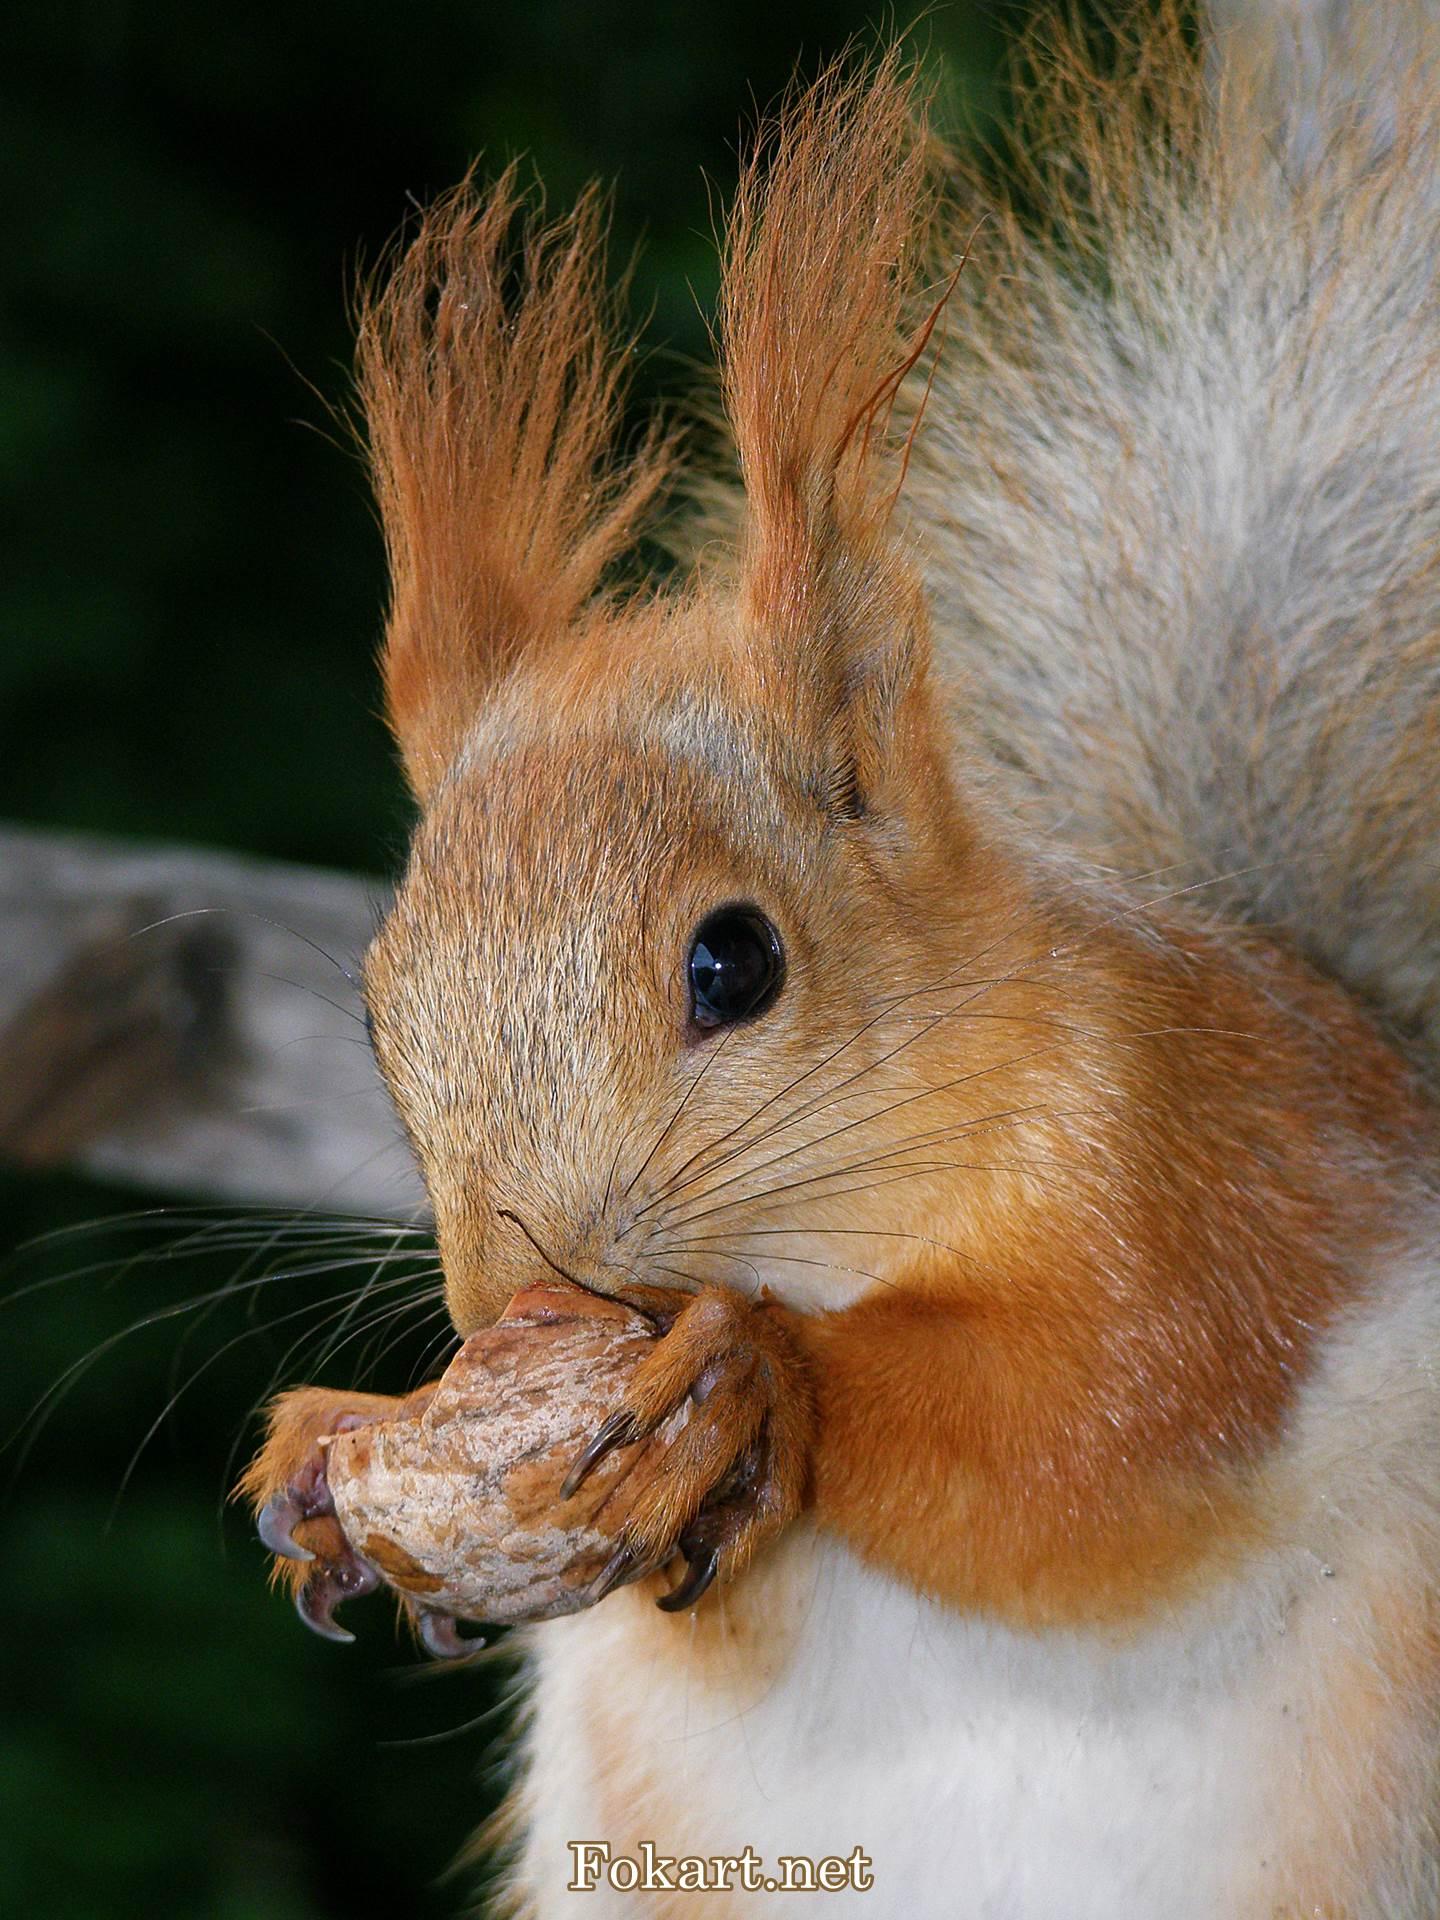 Промокший бельчонок с орешком